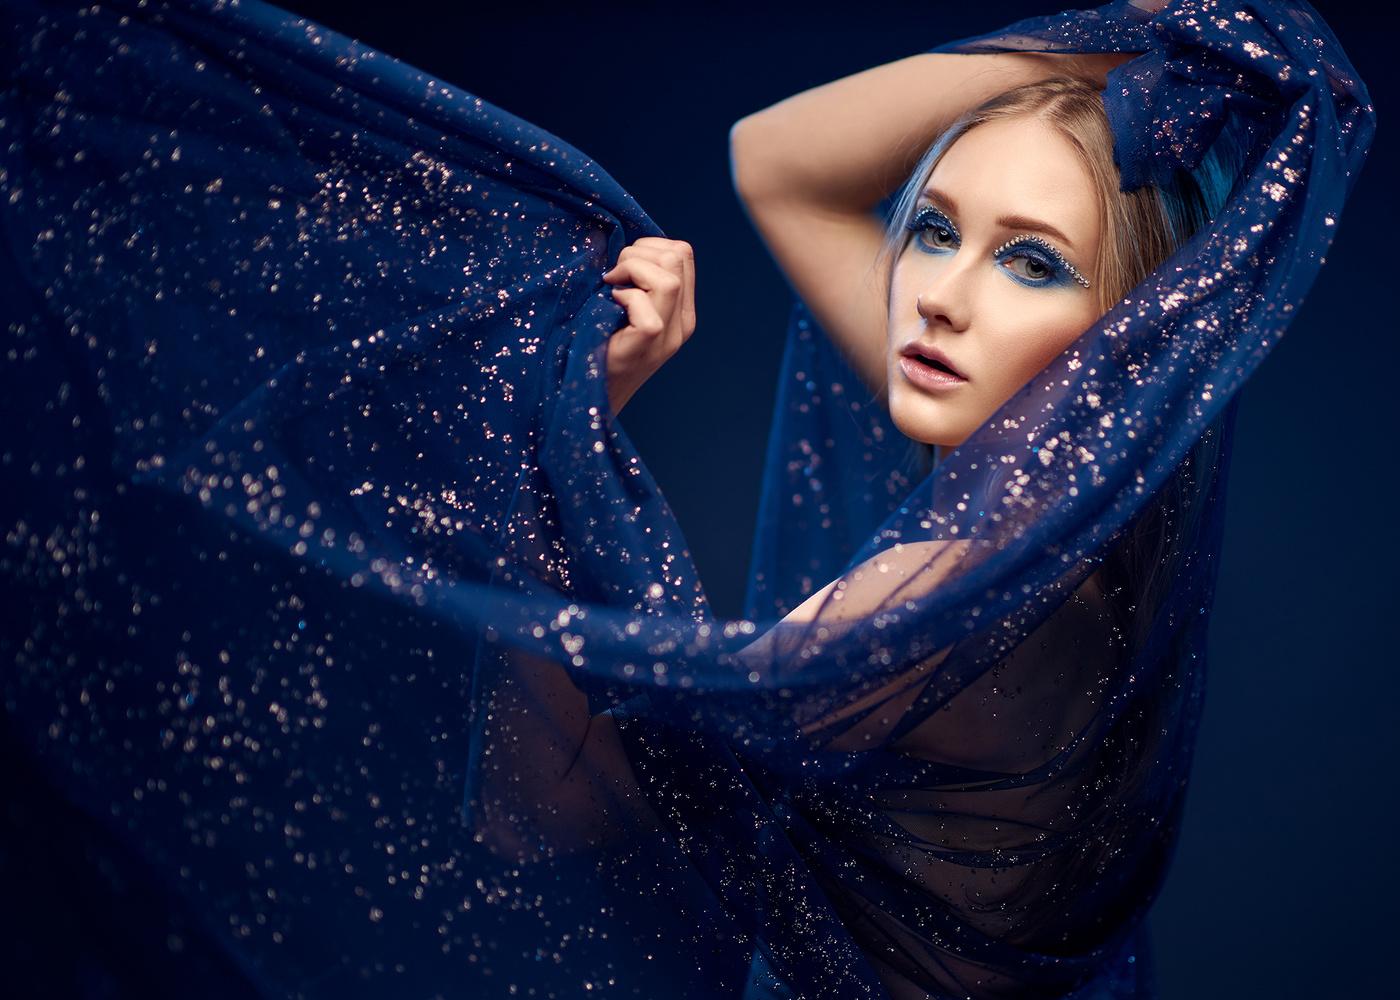 Paulina 03 by Sebastian Malinowski